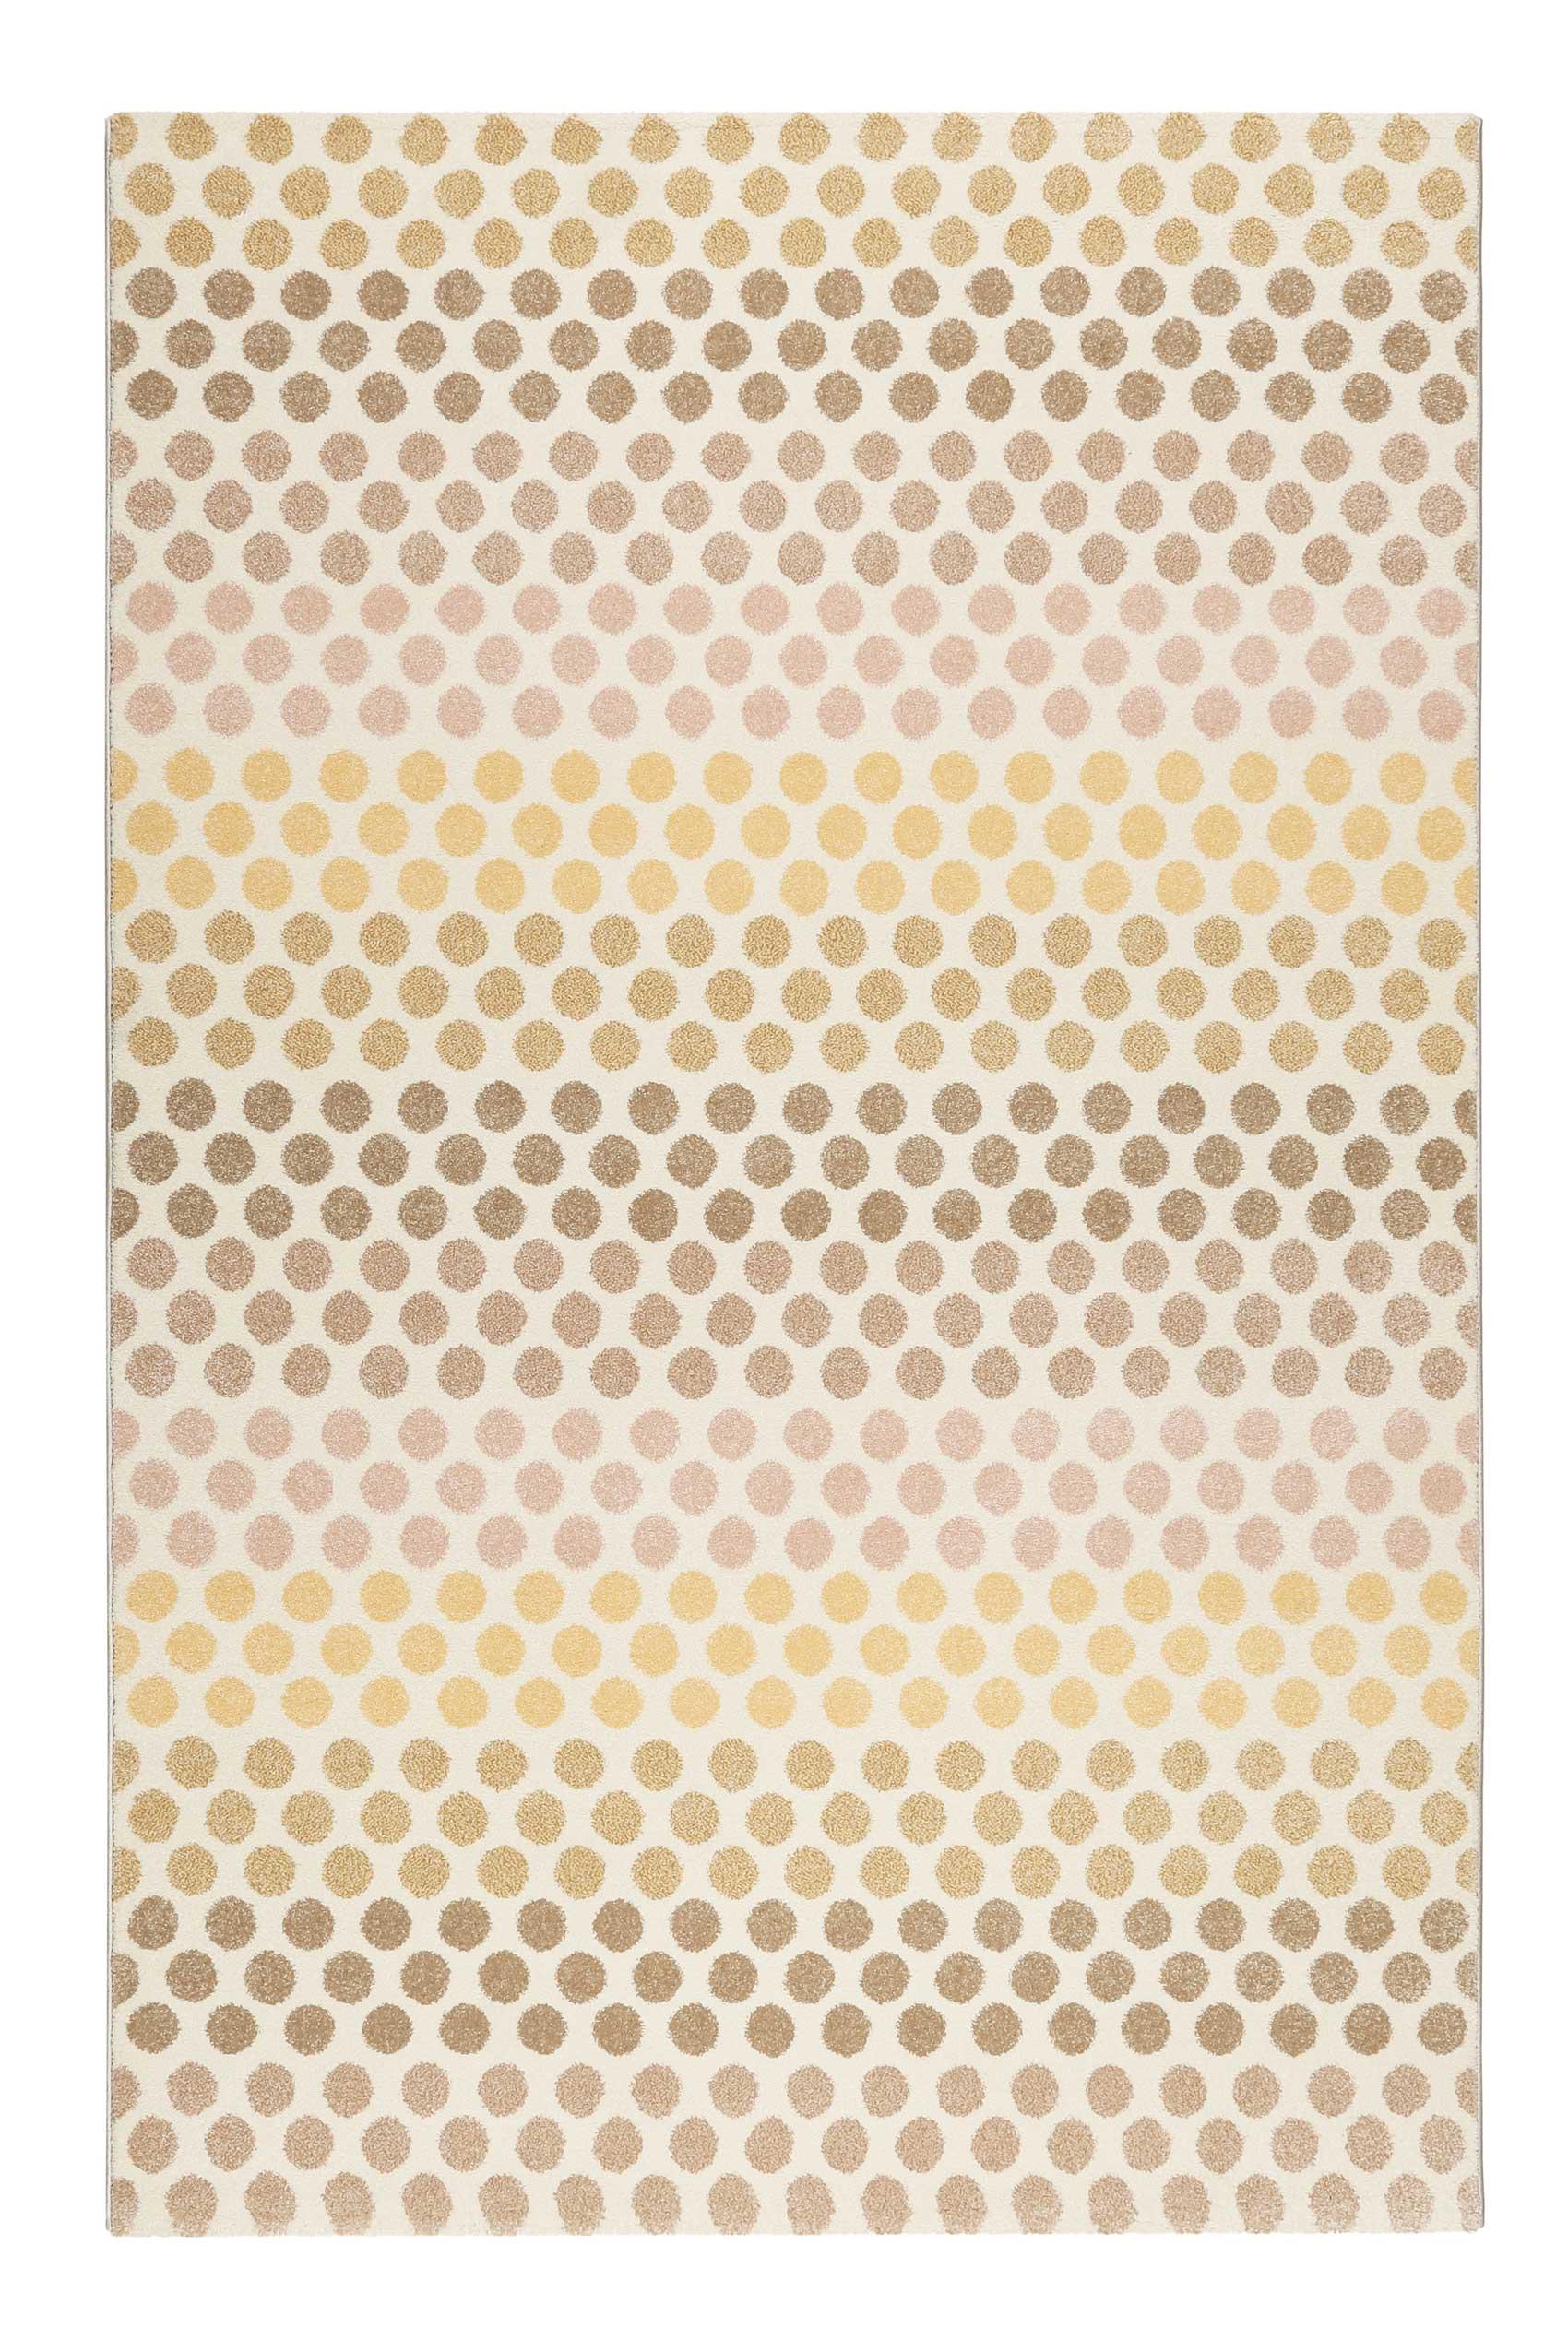 Tapis motif pois à poils courts tons chauds 225x160